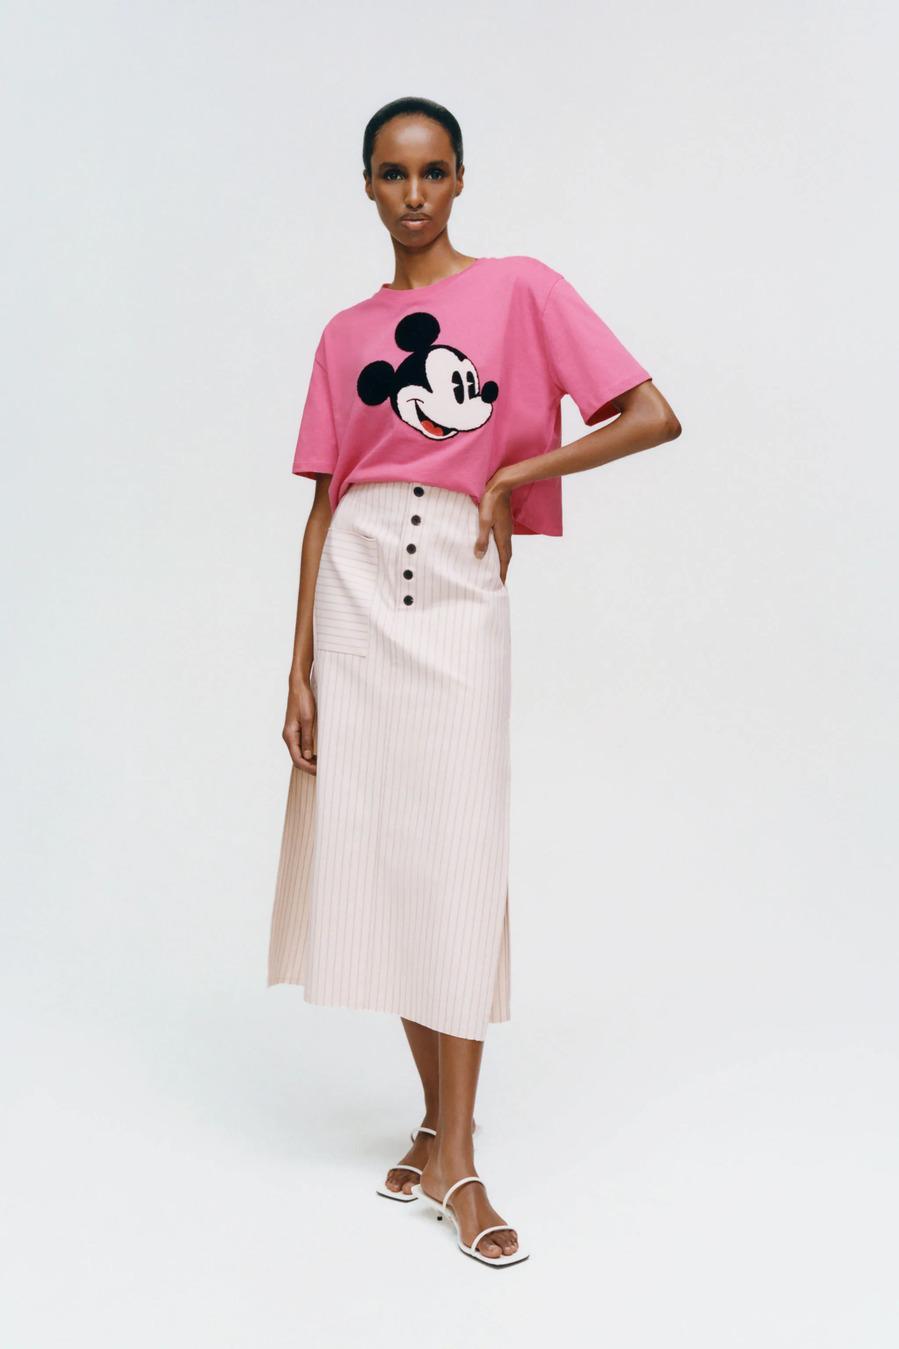 Rosa de verano - Las mejores prendas y accesorios para las fans de Mickey Mouse